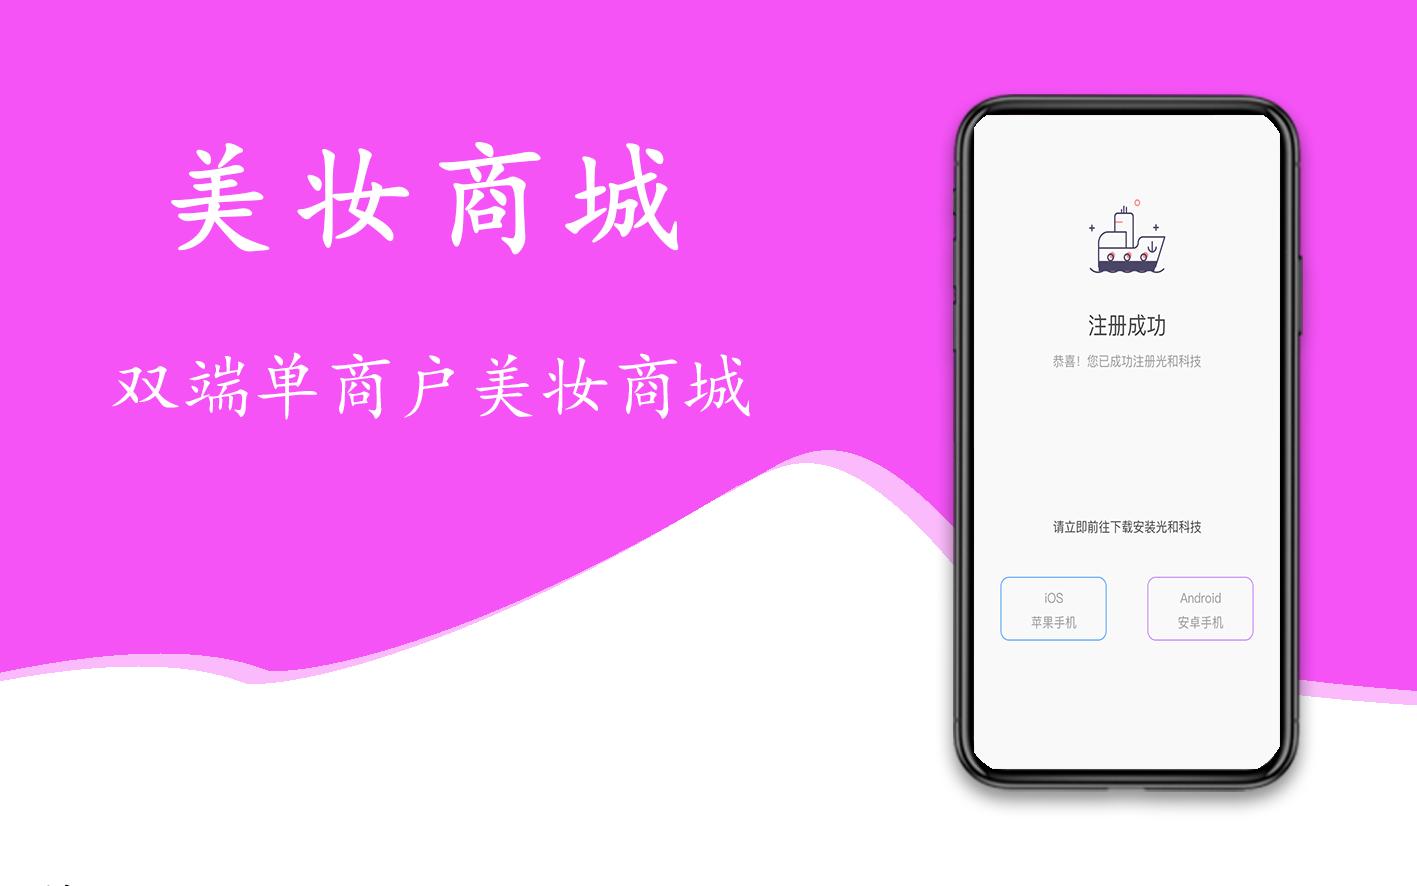 前端切图/前端开发/uni-app VUE开发/资深网页设计